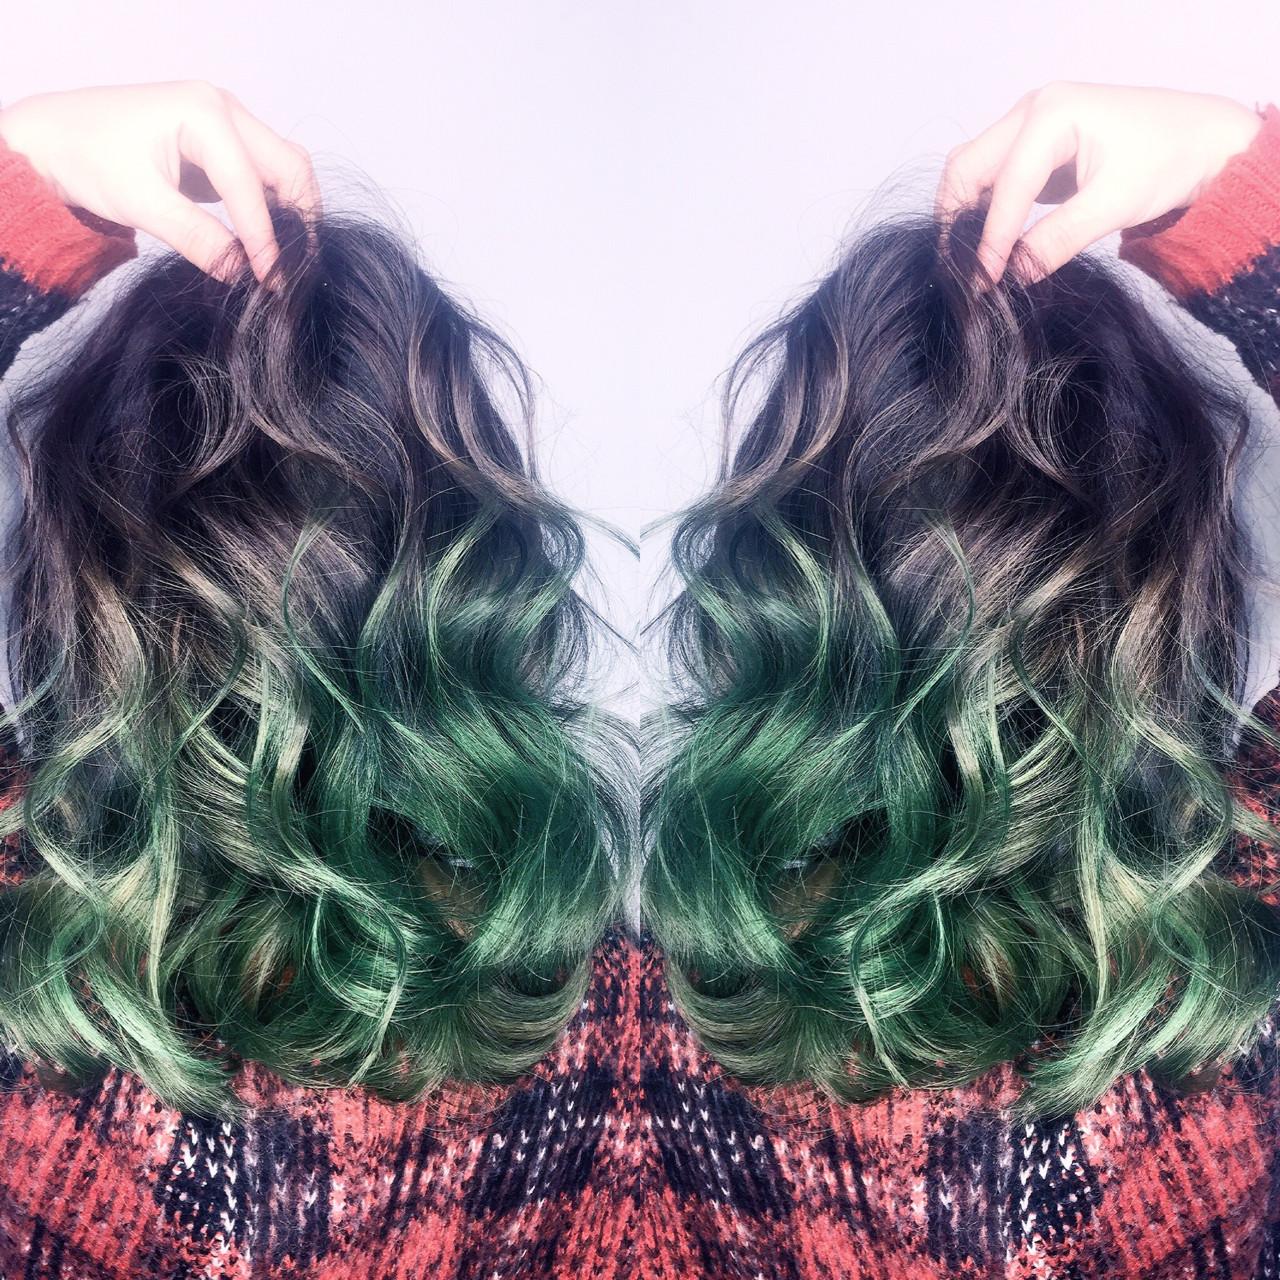 セミロング ガーリー アッシュ ハイライト ヘアスタイルや髪型の写真・画像 | 筒井 隆由 / Hair salon mode